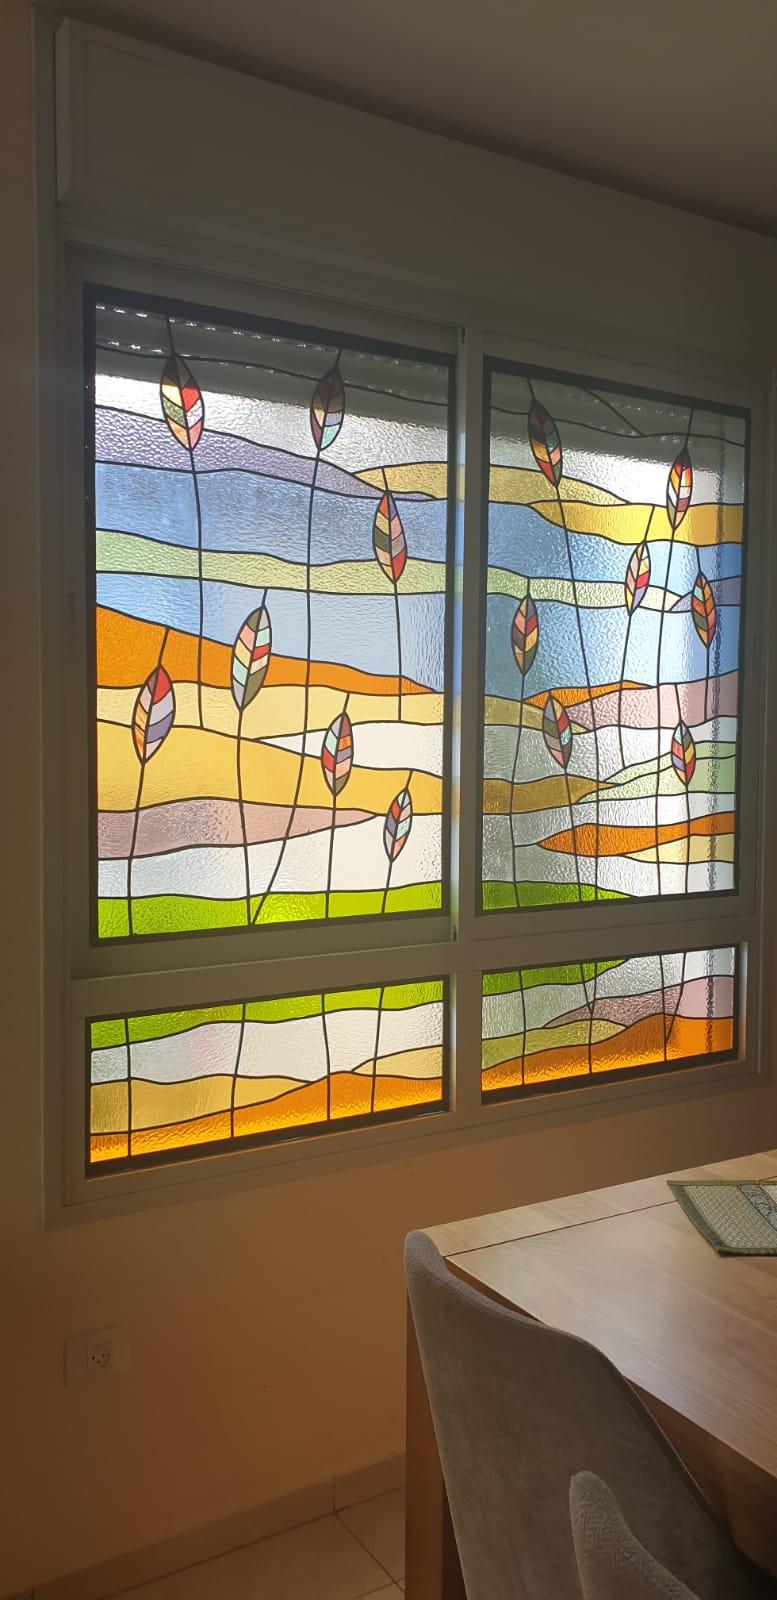 חלונות מעוצבים בויטראז